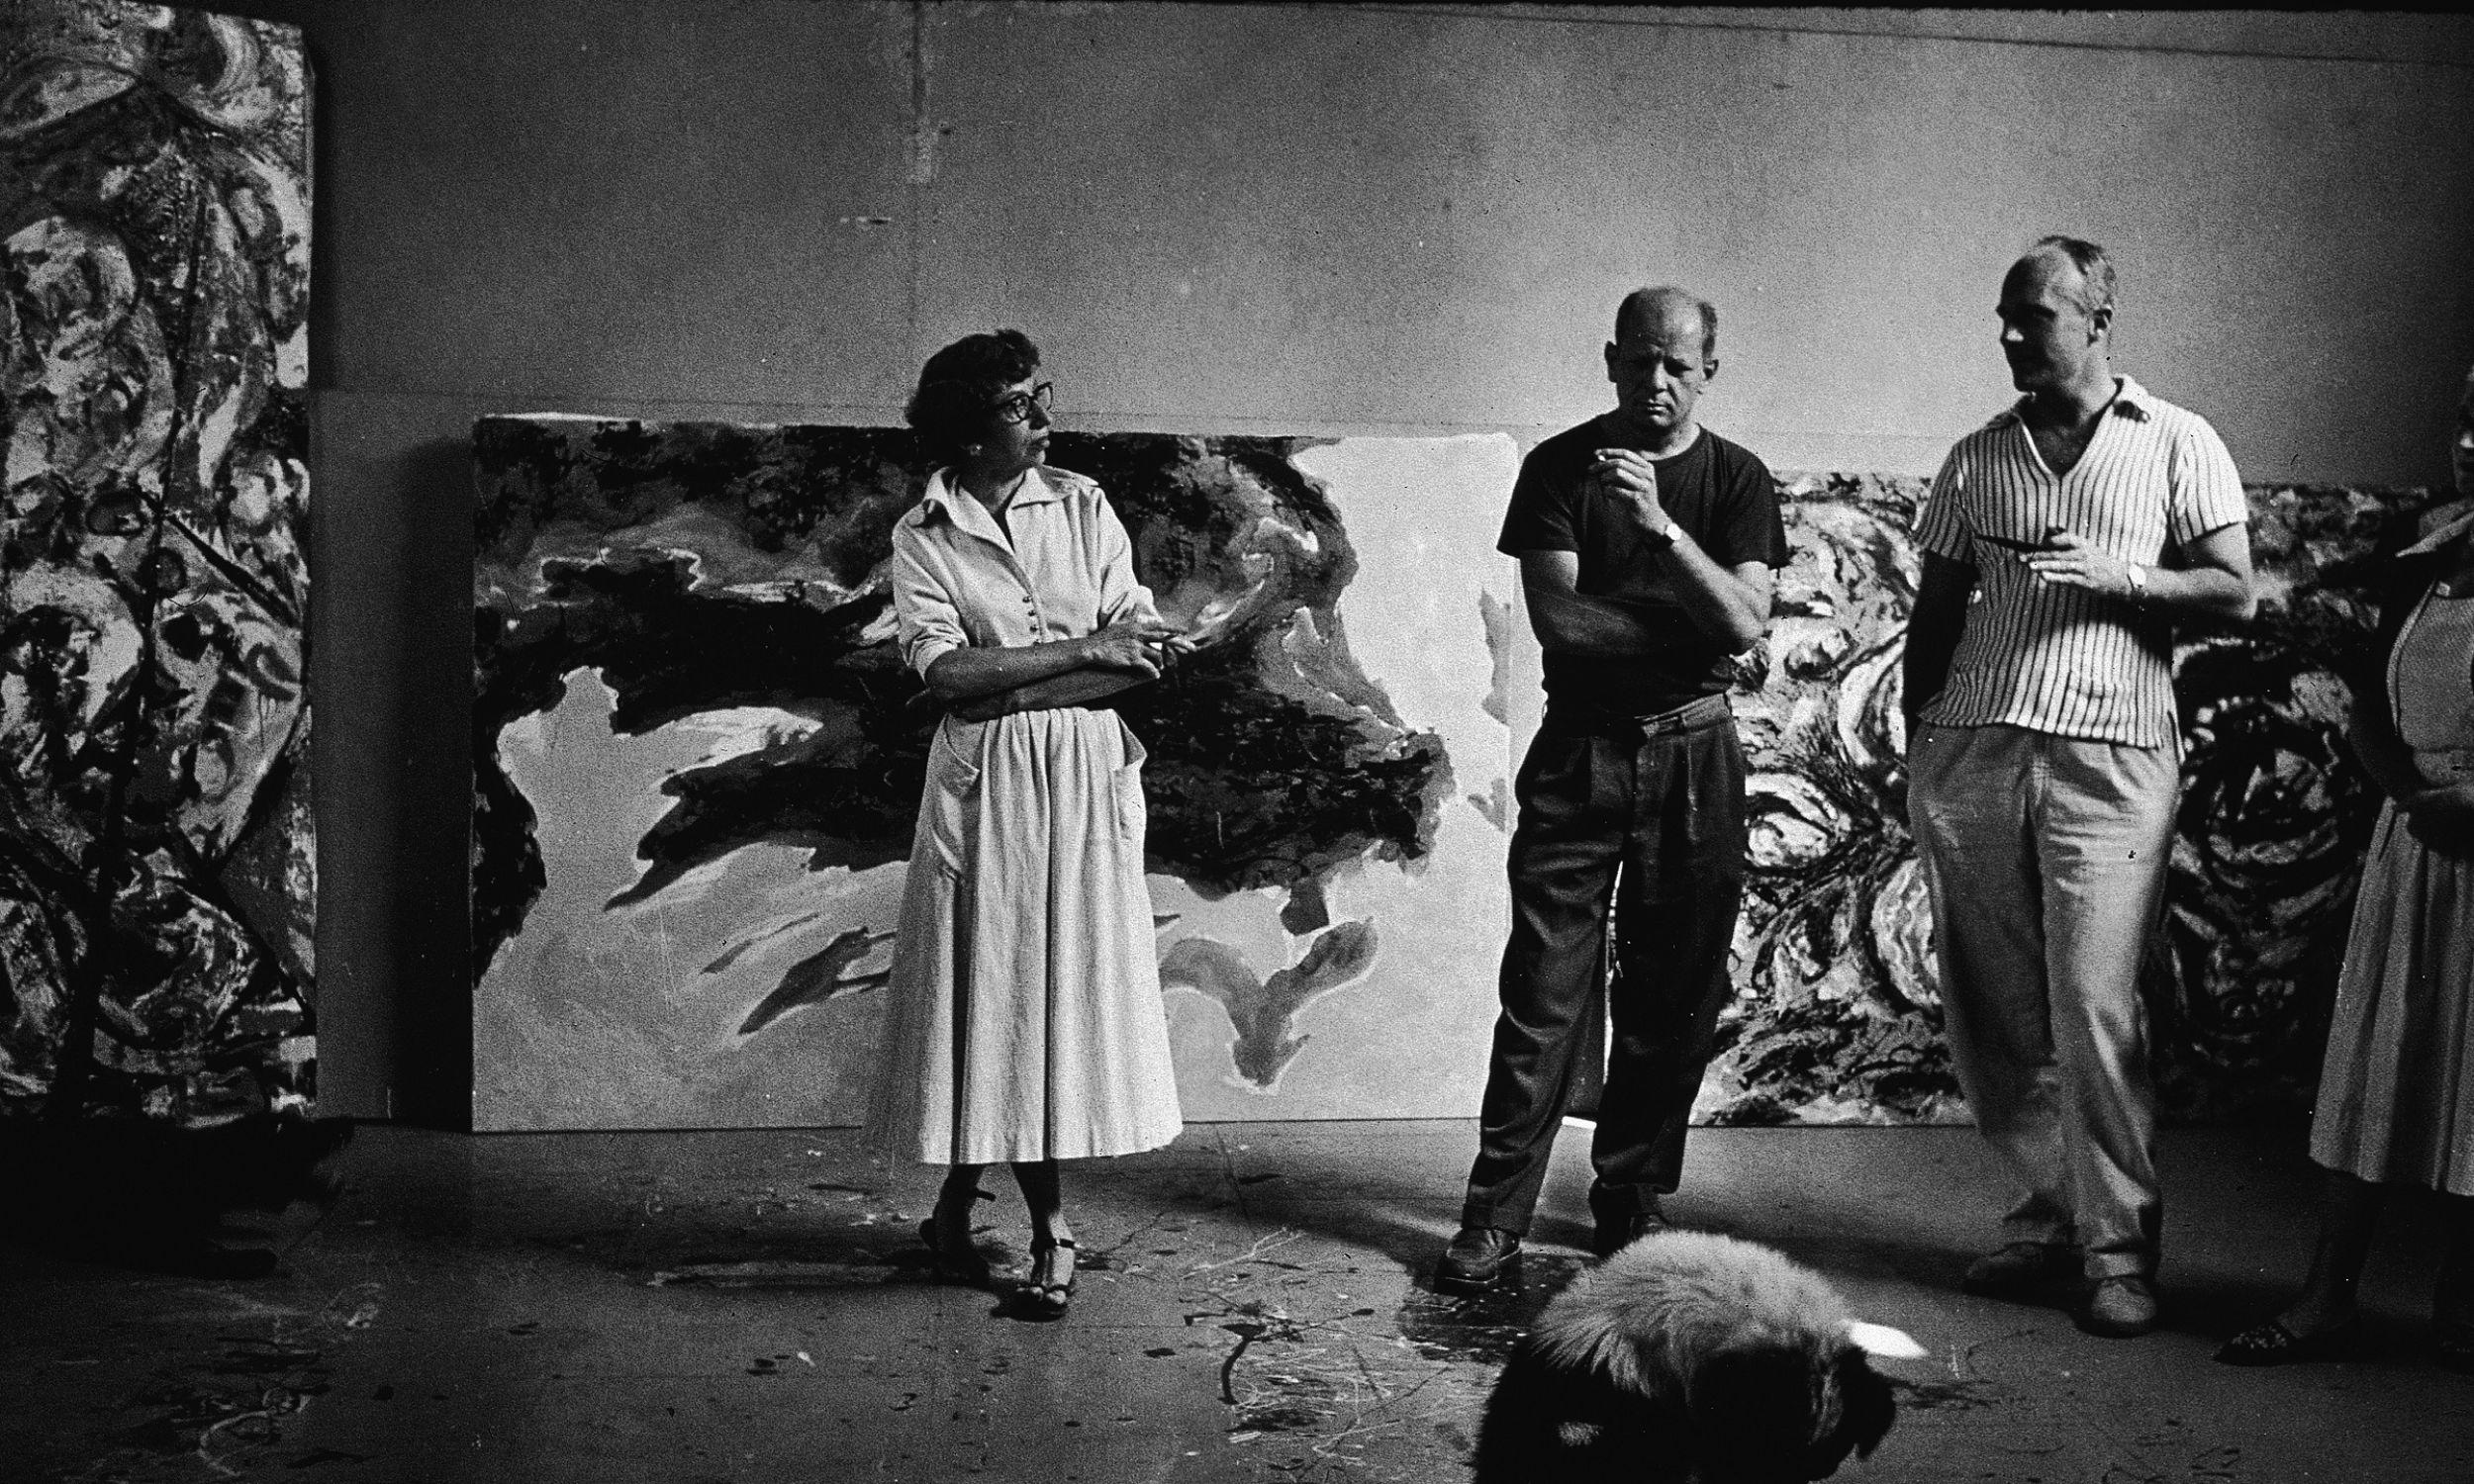 """Amerykański abstrakcyjny ekspresjonista Jackson Pollock (1912-1956; drugi po lewej) i jego żona Lee Krasner (1908-1984) wraz z niezidentyfikowaną parą w studio malarza """"The Springs"""", East Hampton, Nowy Jork, 23 sierpnia 1953 r. Fot. Tony Vaccaro / Getty Images"""